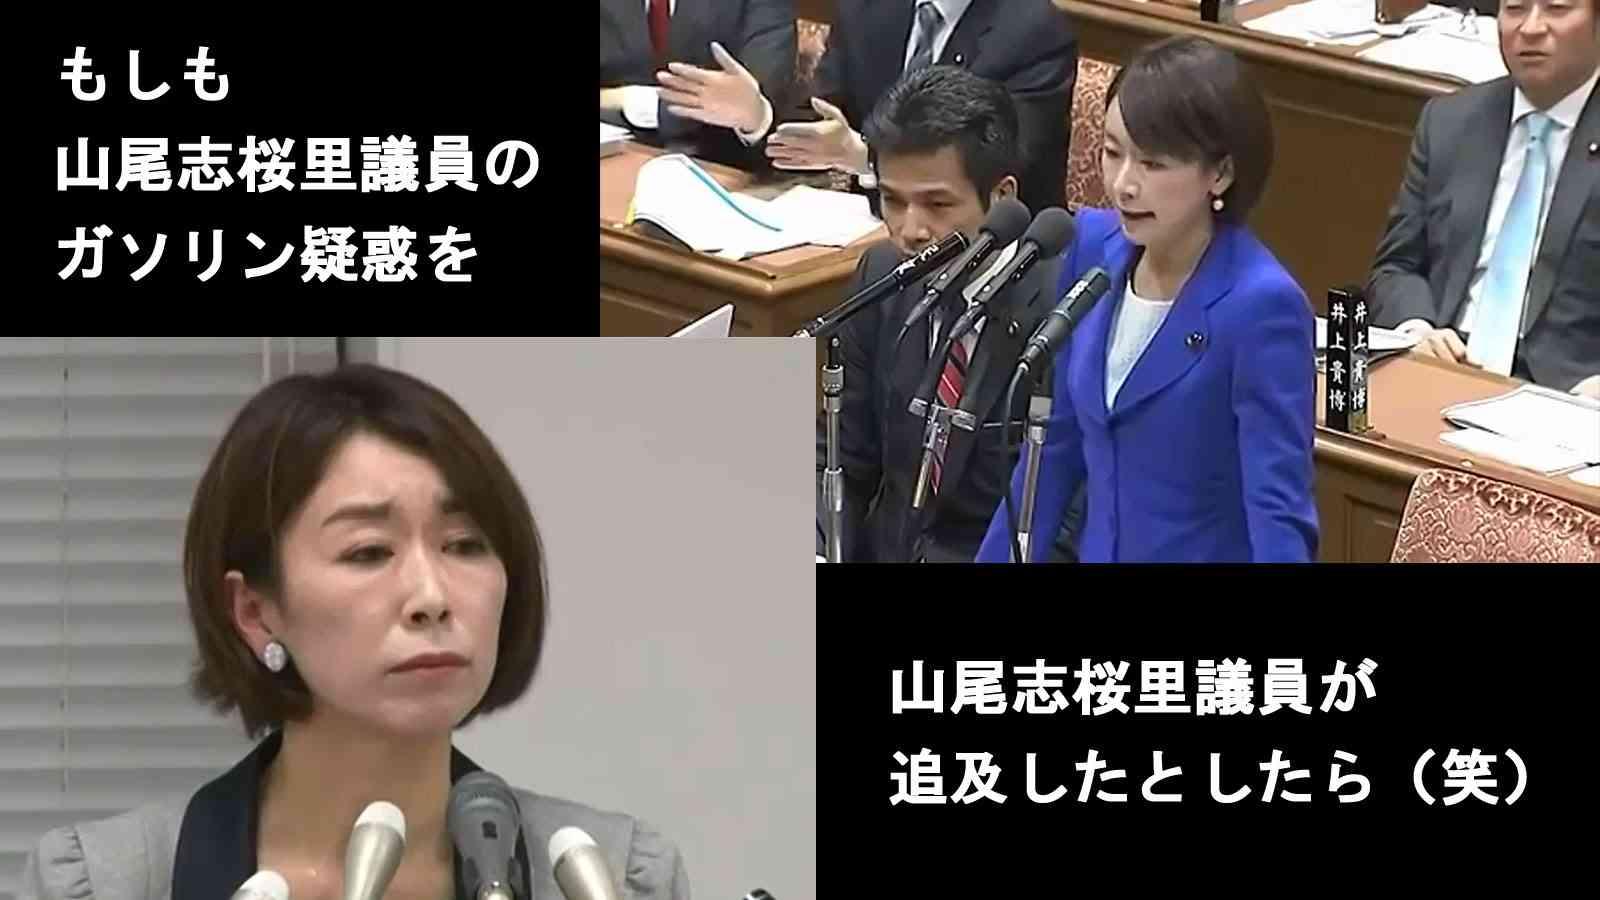 もしも山尾志桜里議員のガソリン疑惑を山尾志桜里議員が追及したとしたら(笑) - YouTube